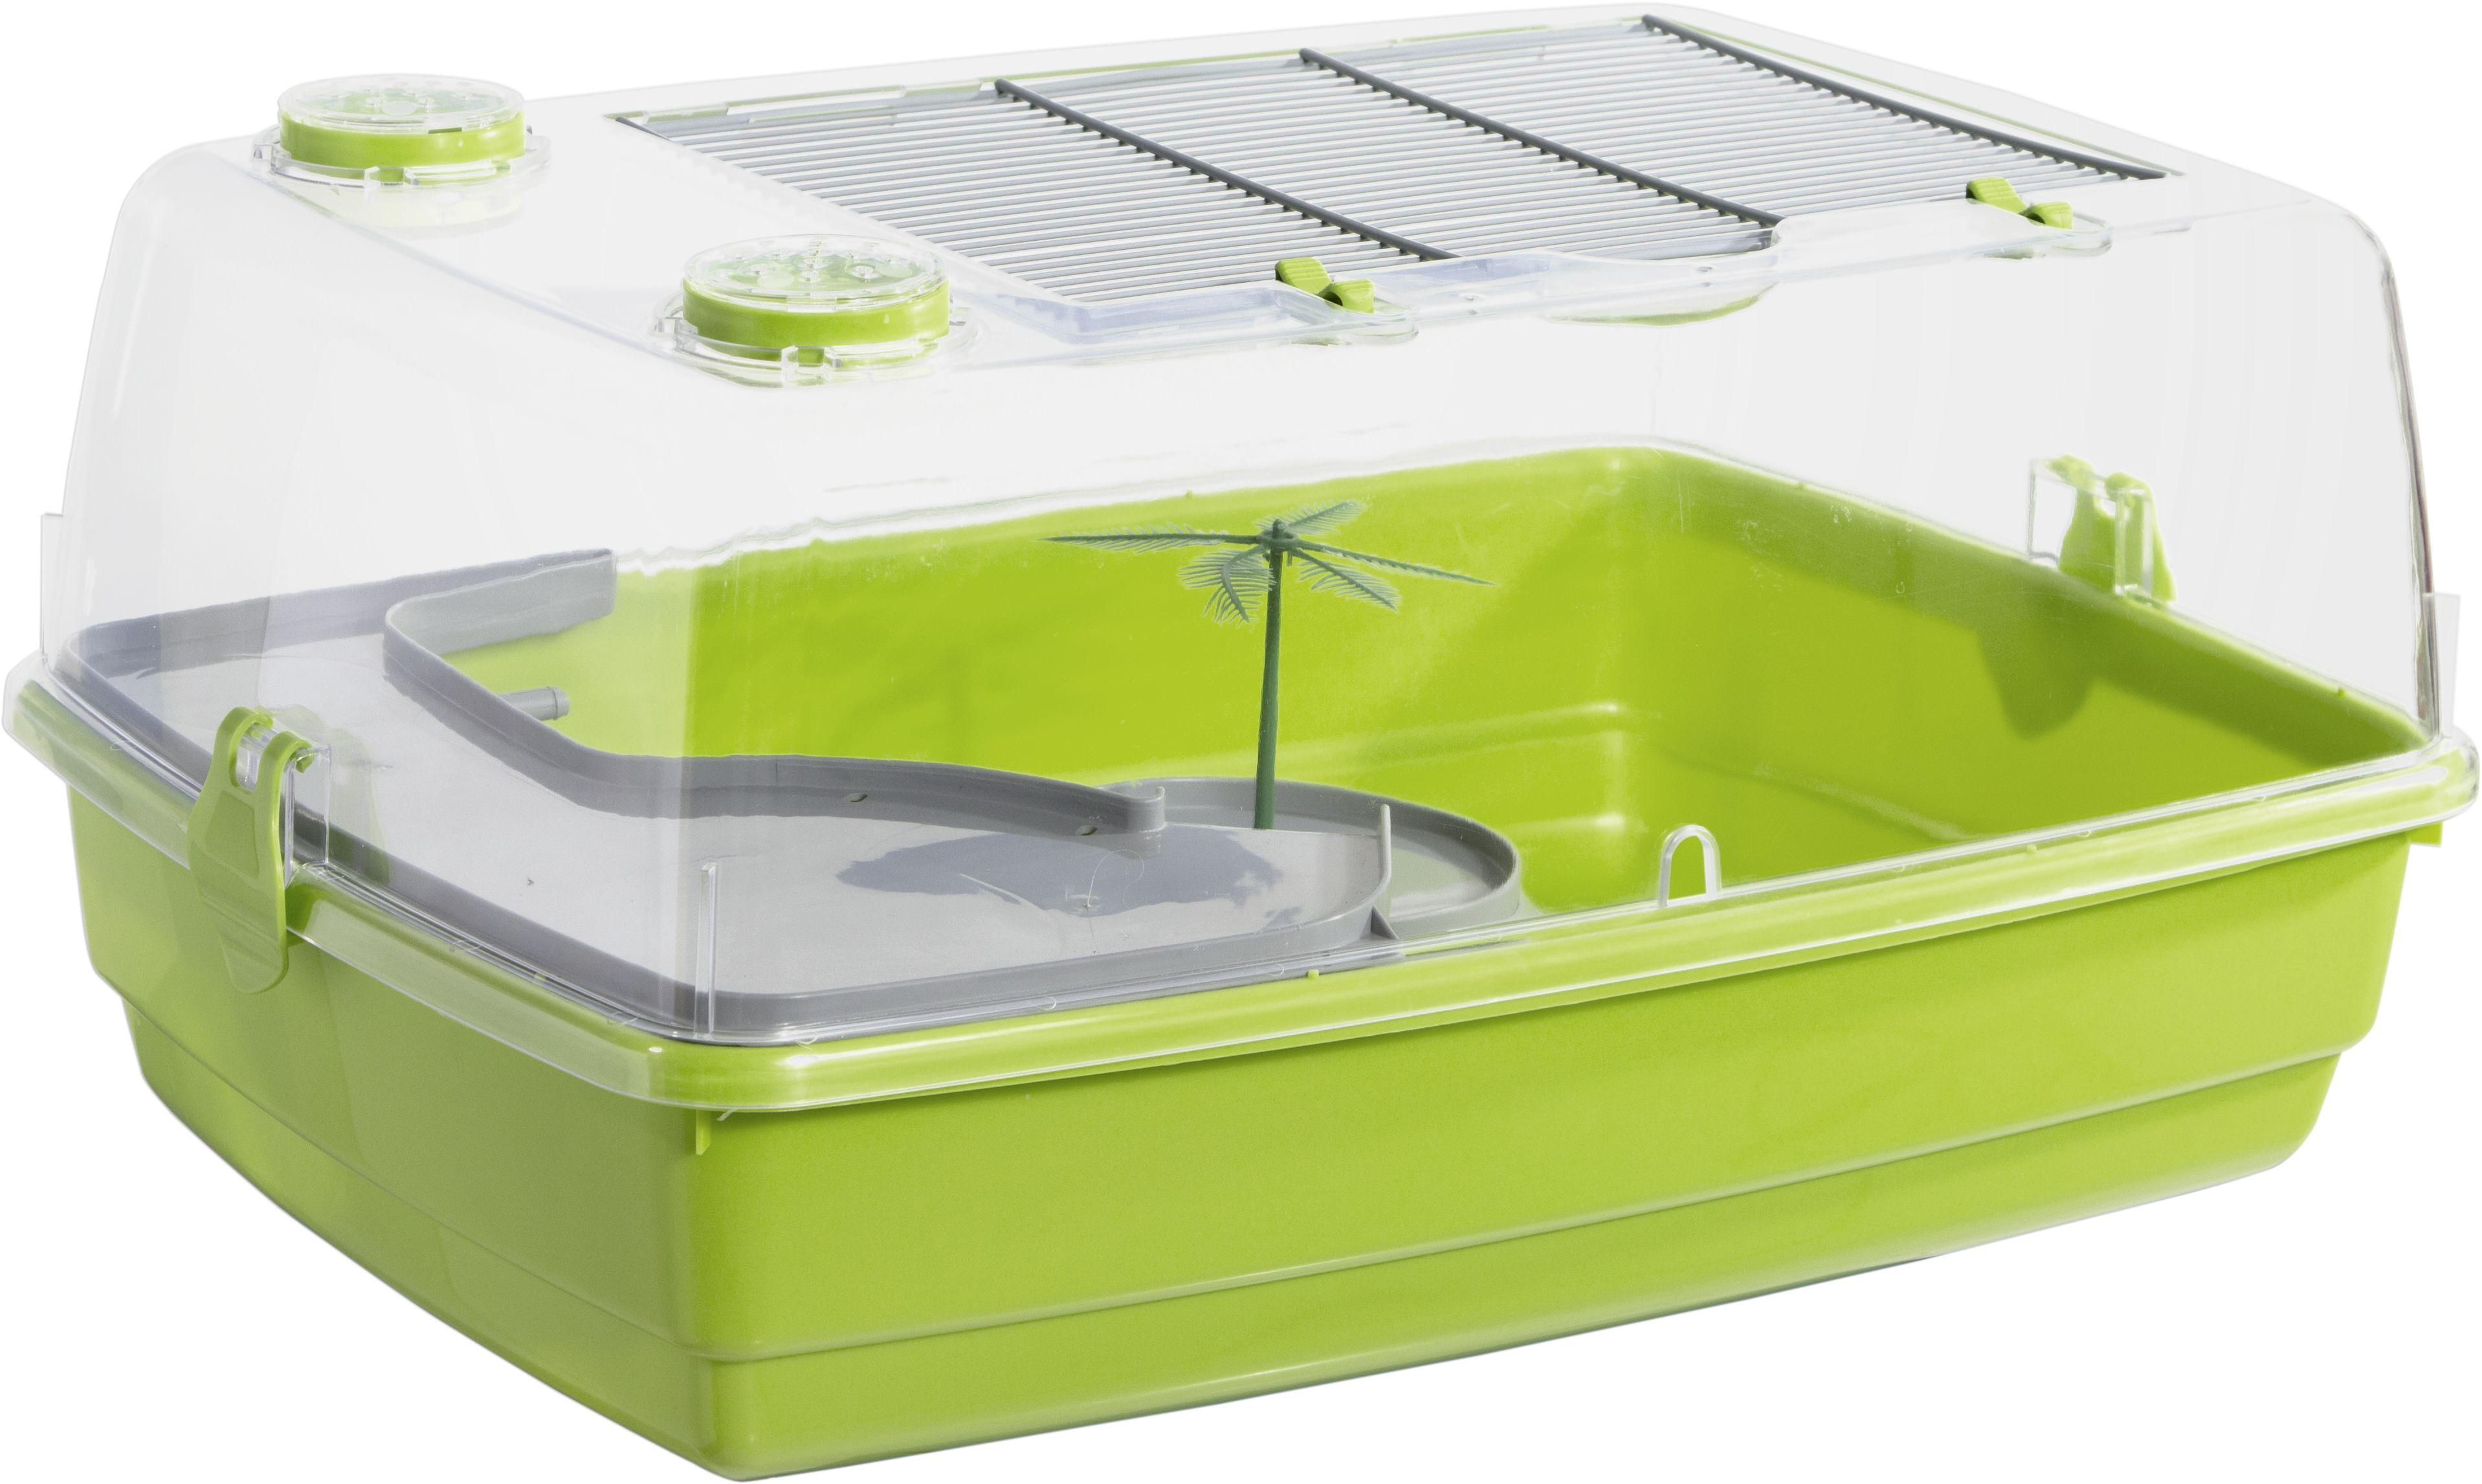 Vivarium pour petite tortue sur jardindeco for Maison plastique enfant pas cher